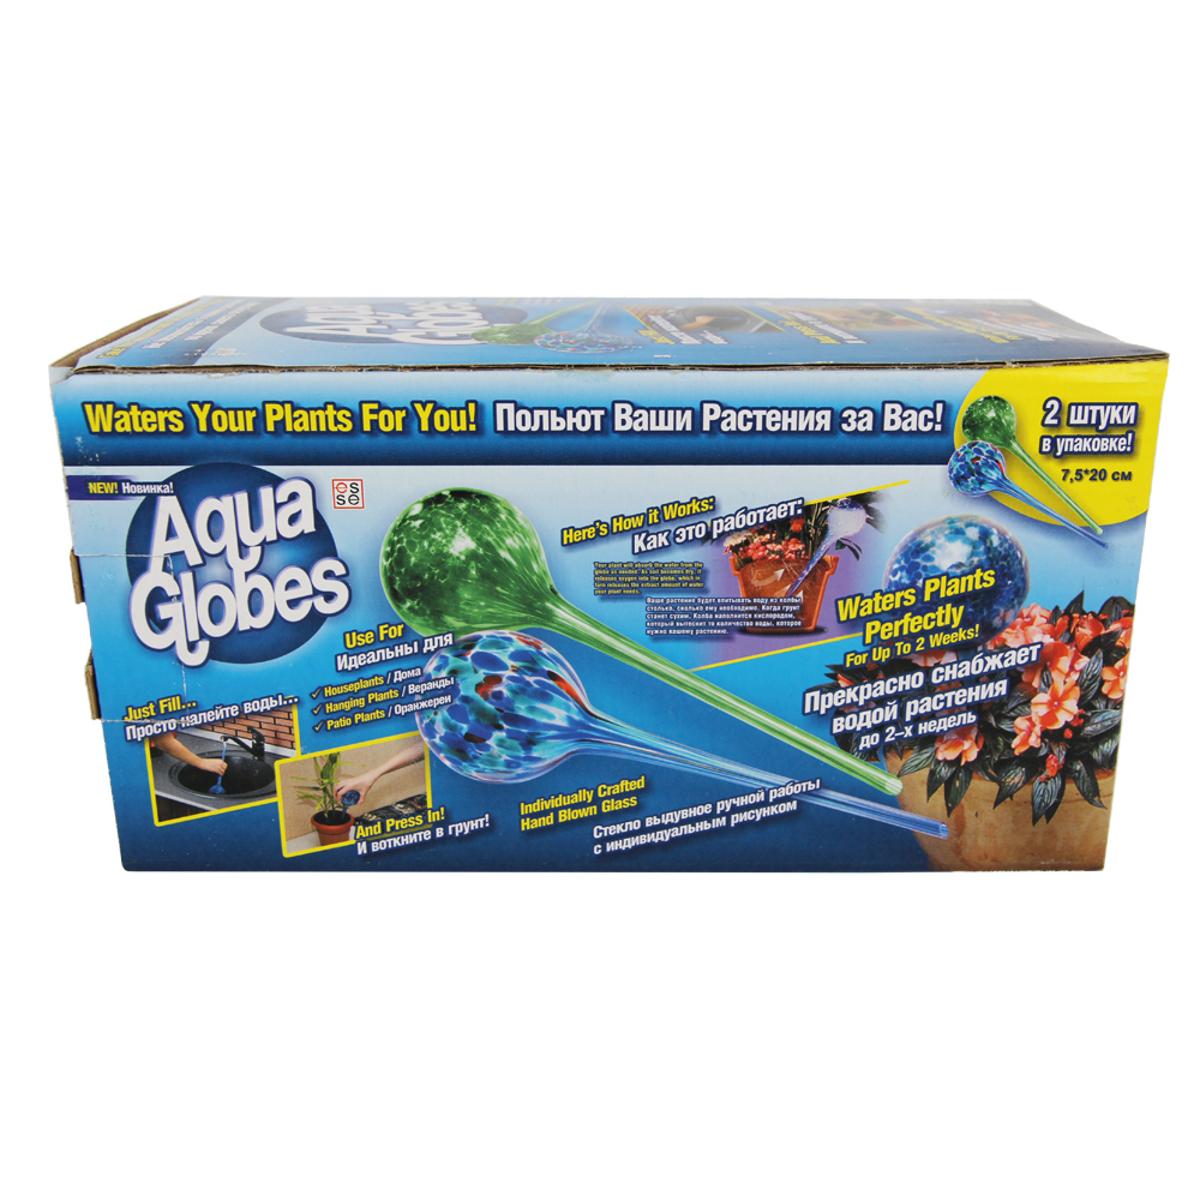 Колба Masterprof Aqua Globes, для автополива, 7,5 х 7,5 x 20 см, 2 штHS.110023Материал: стекло, в упаковке 2 шт., материал упаковки: картонная коробка. Предназначены для автоматического полива комнатных растений, сроком до двух недель (в зависимости от грунта).